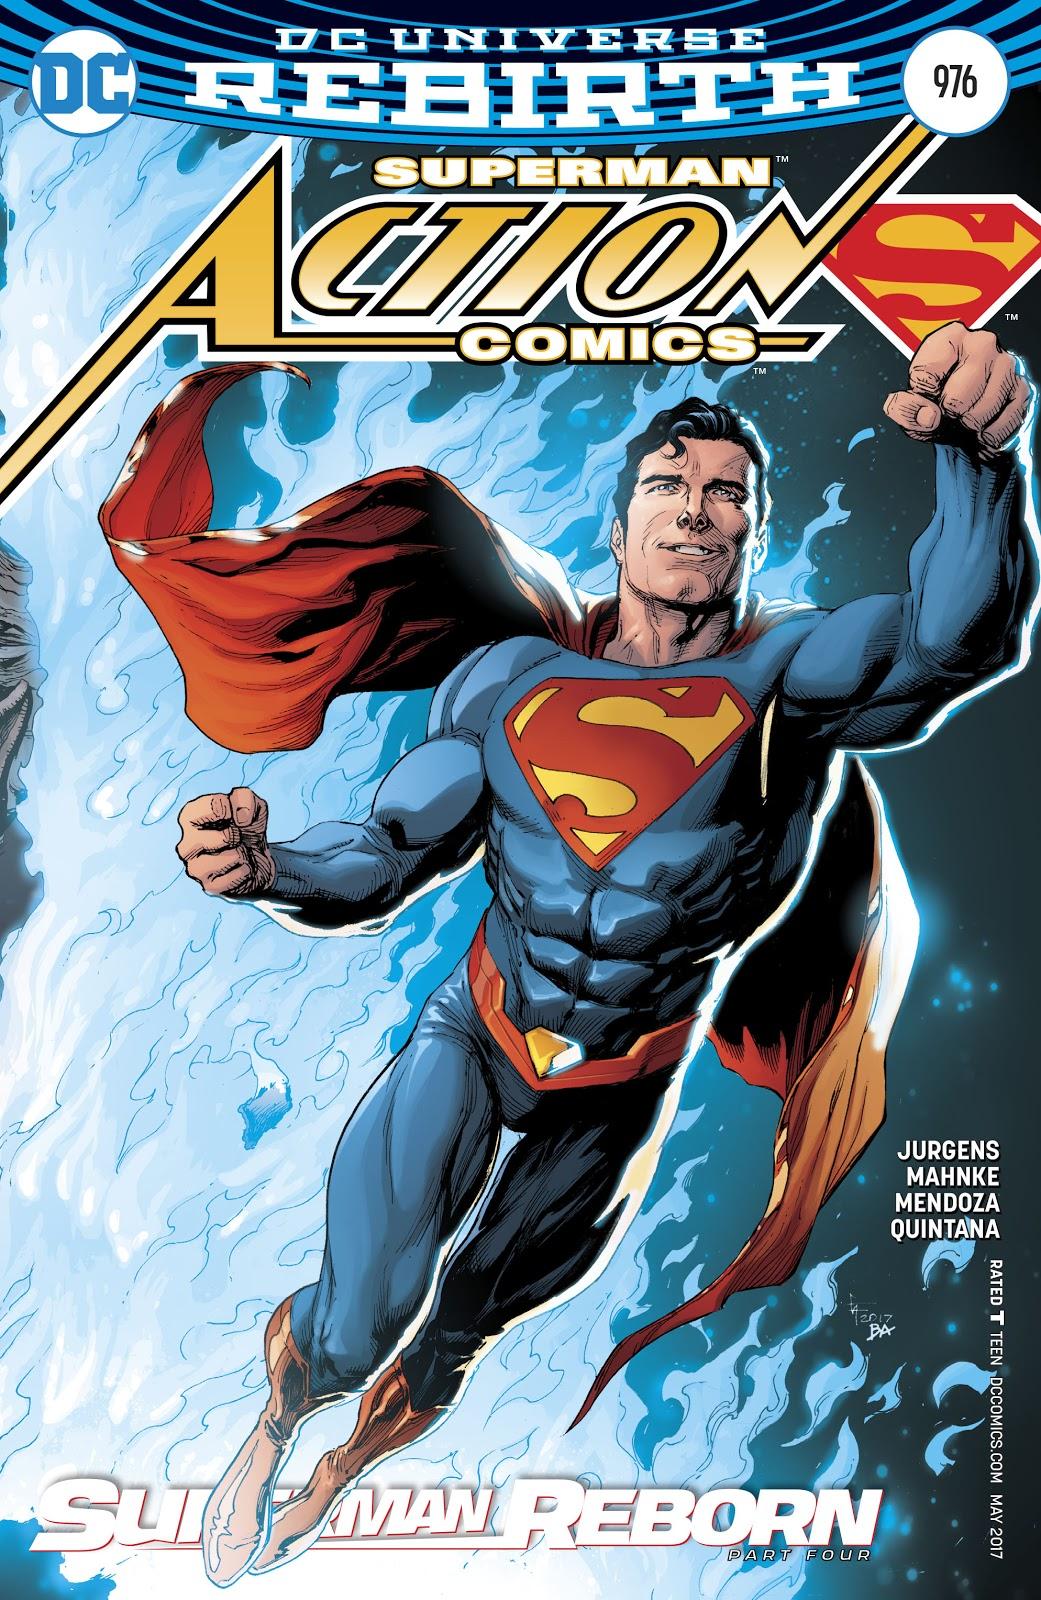 Action Comics Vol 1 976 Variant.jpg